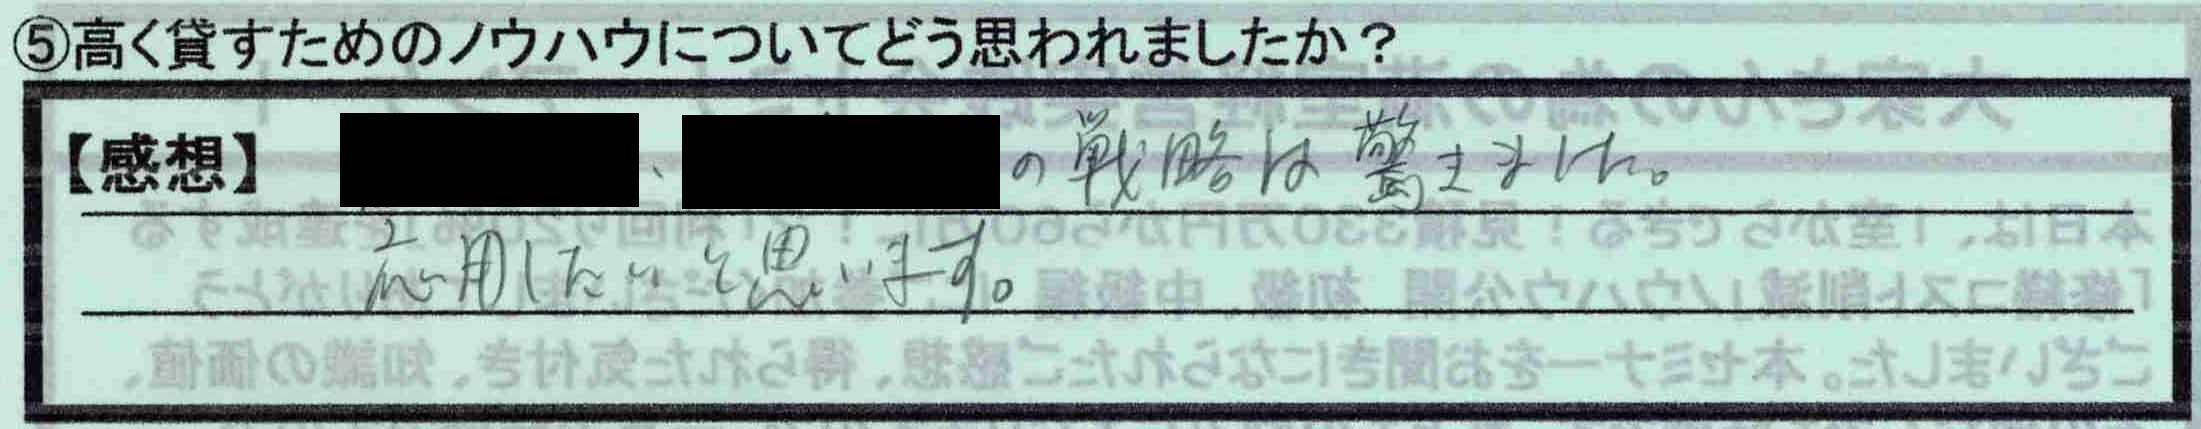 東京都匿名希望